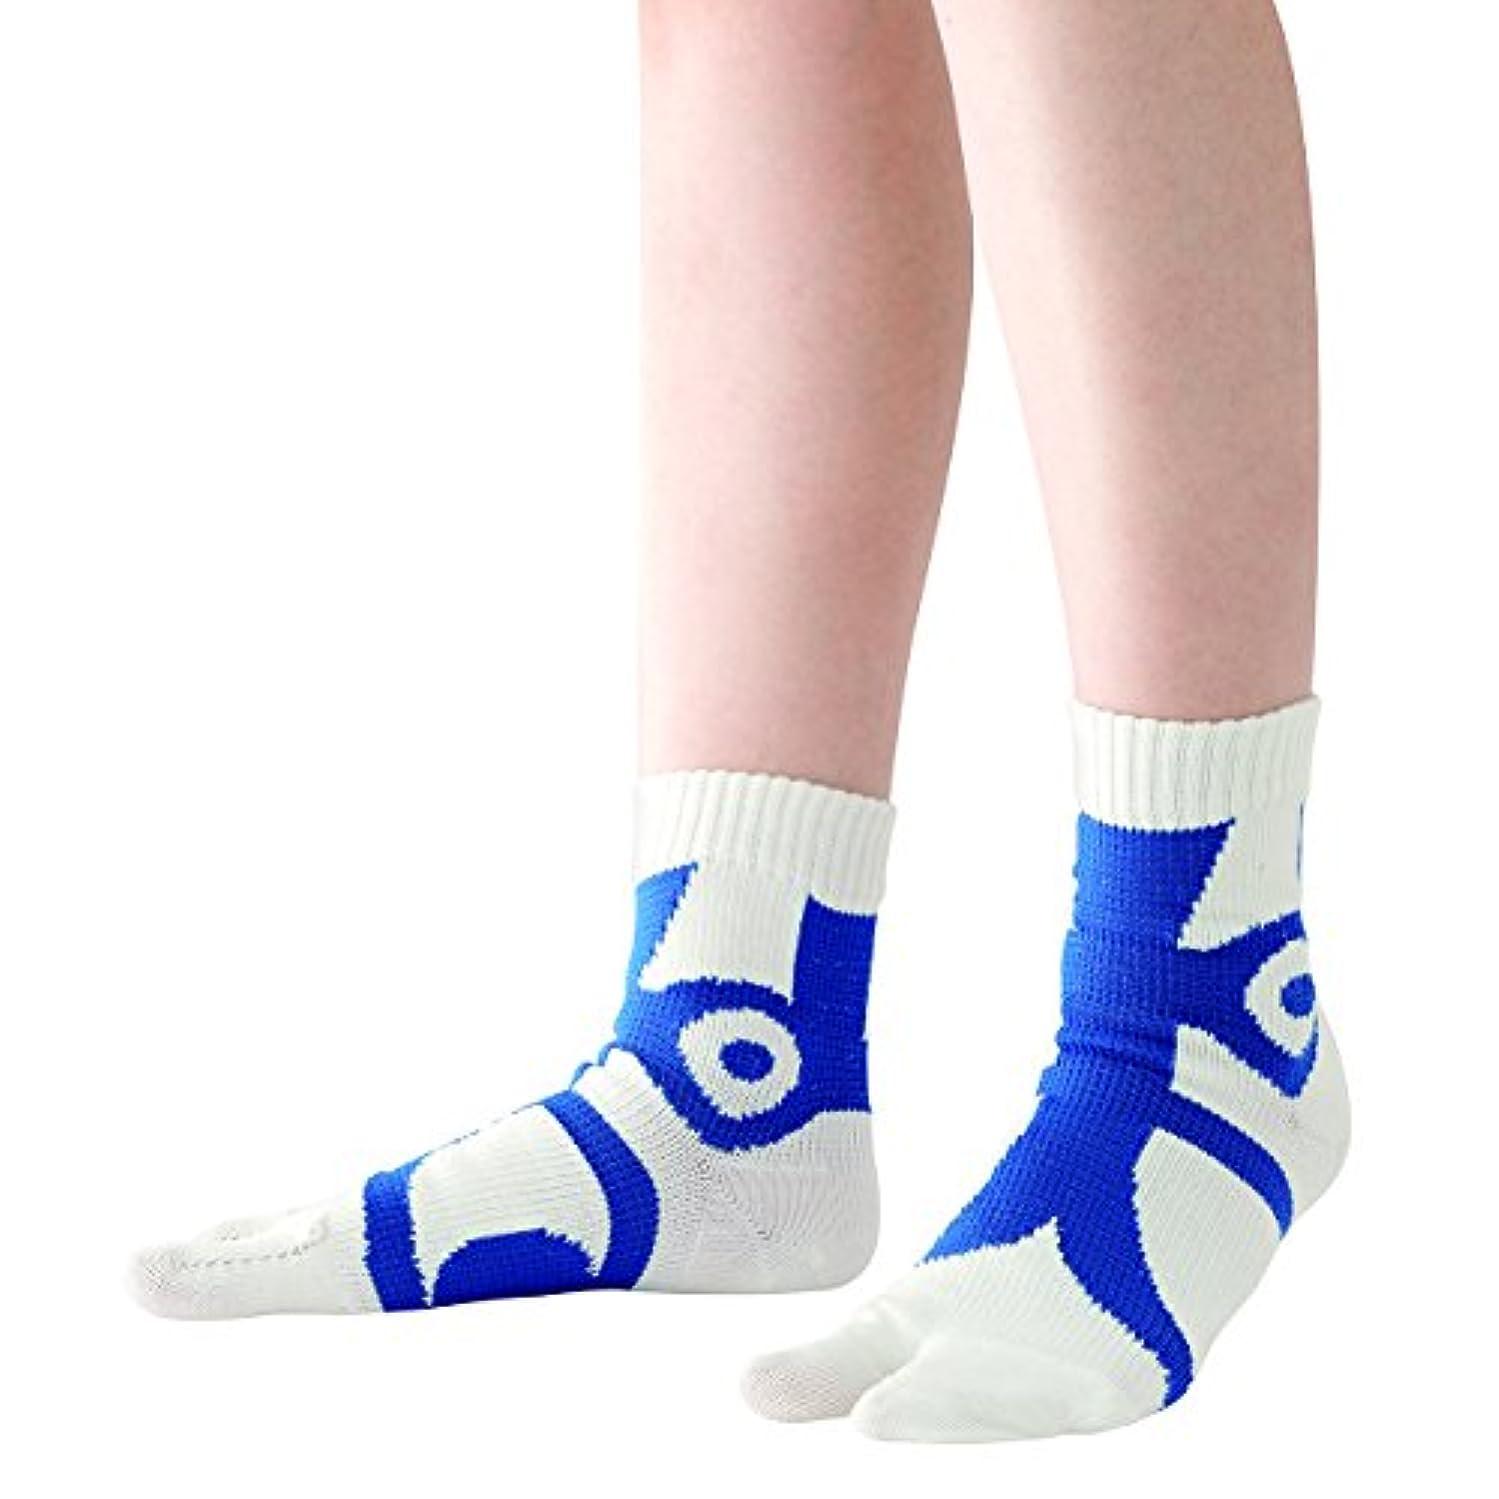 フレームワーク年金受給者褒賞快歩テーピング靴下 ホワイト×ブルー